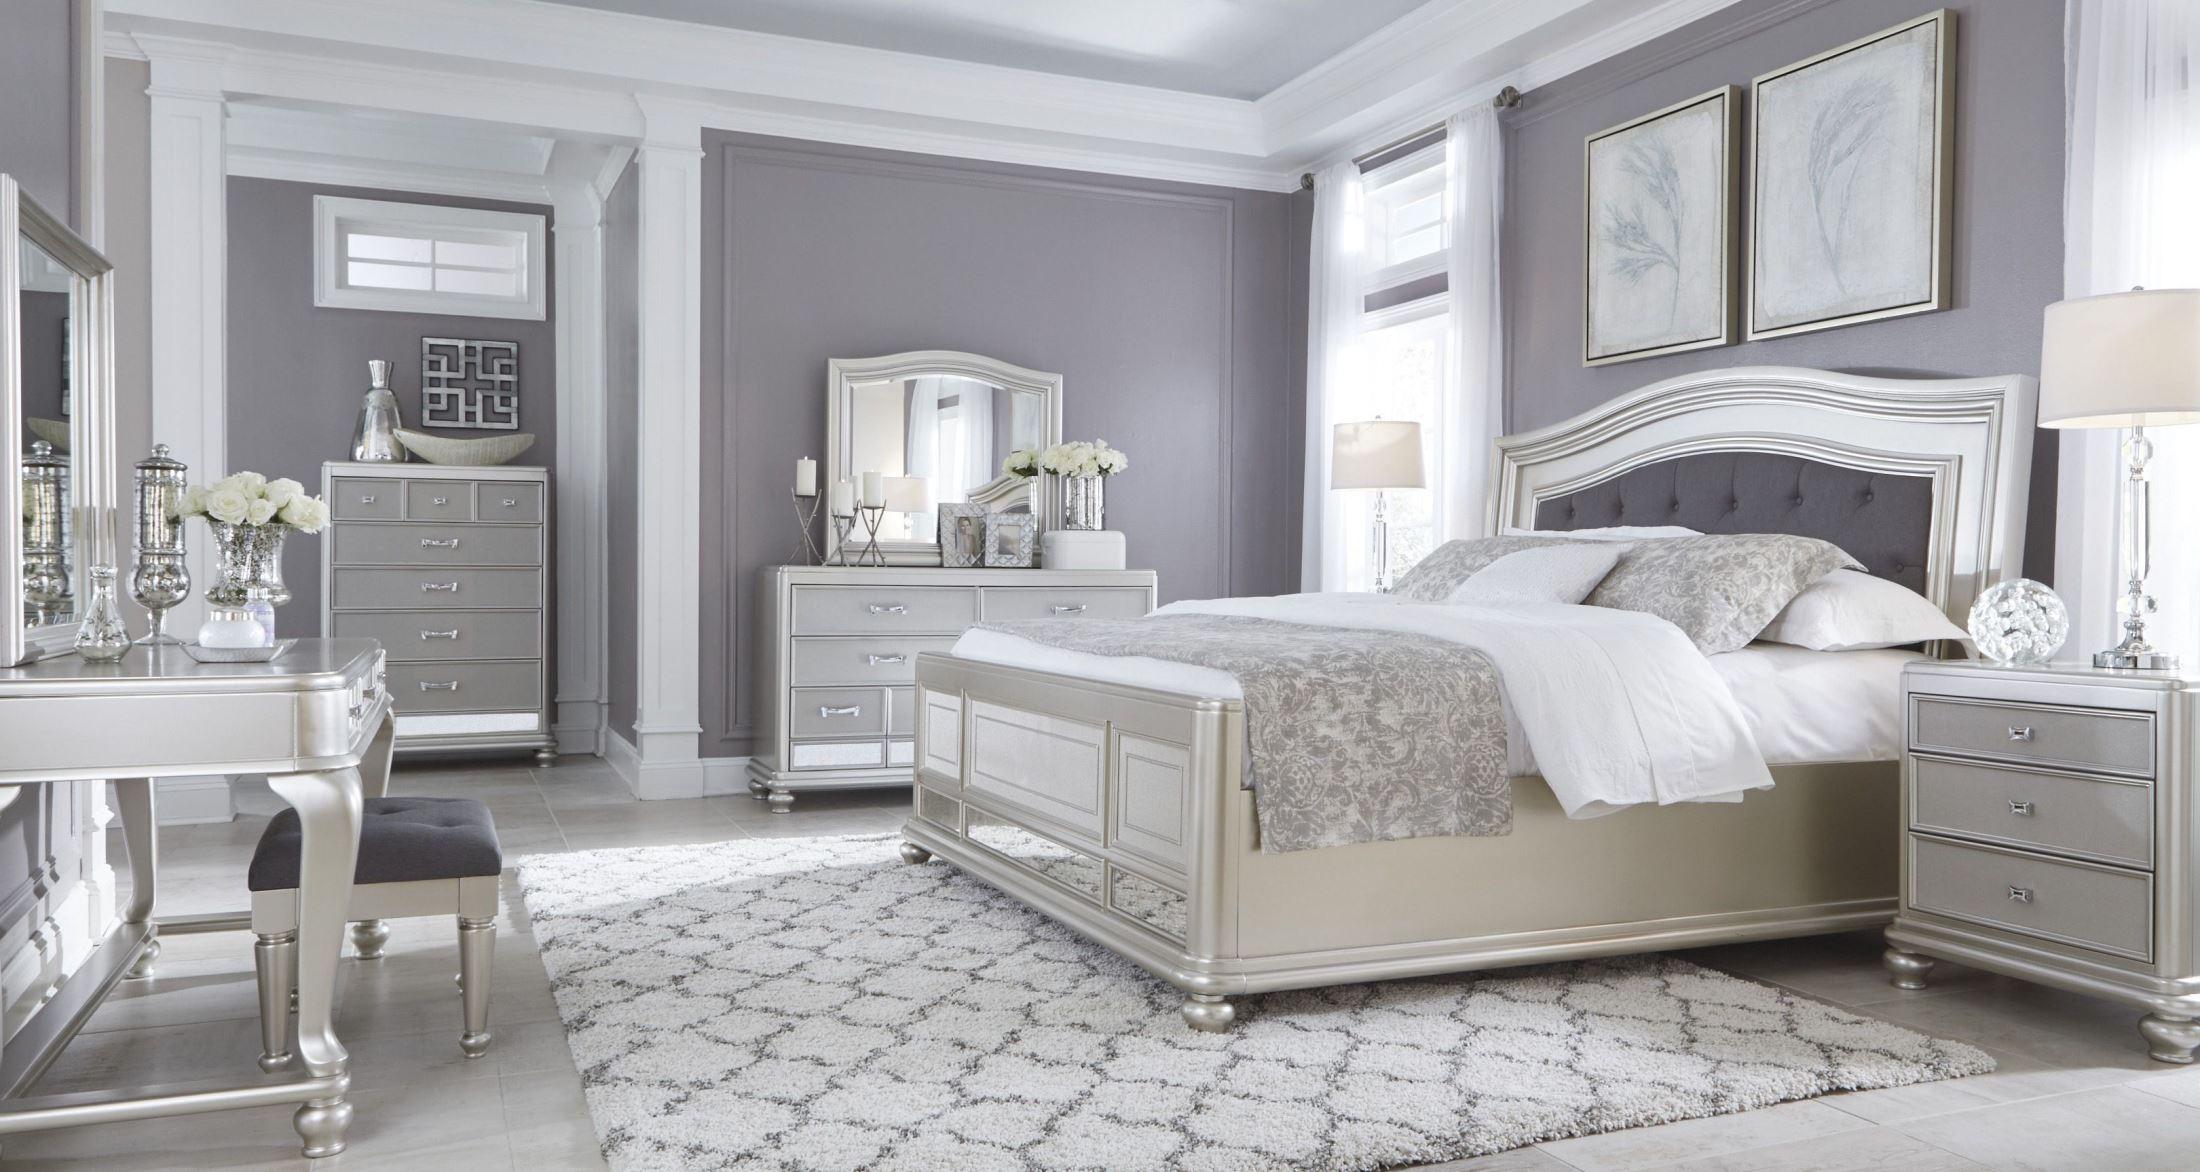 Camera Da Letto Bianca E Nera camera da letto bianca e argento: ecco 15 idee che vi